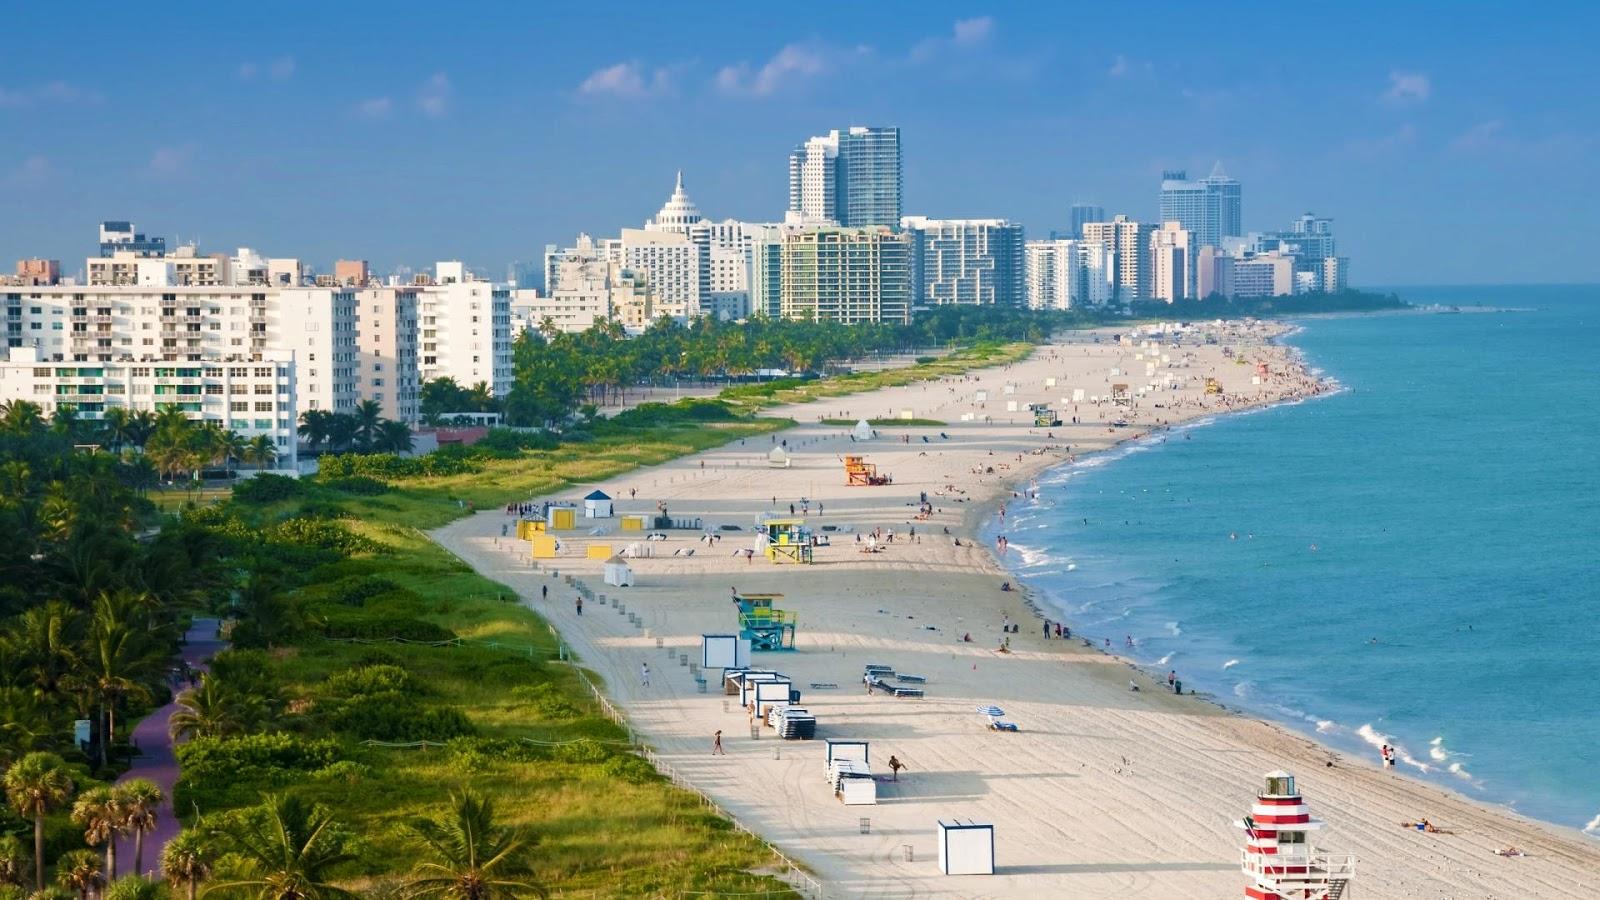 Bãi biển tại Miami xinh đẹp sẽ có mặt tại Sun Grand City Marina trong tương lại